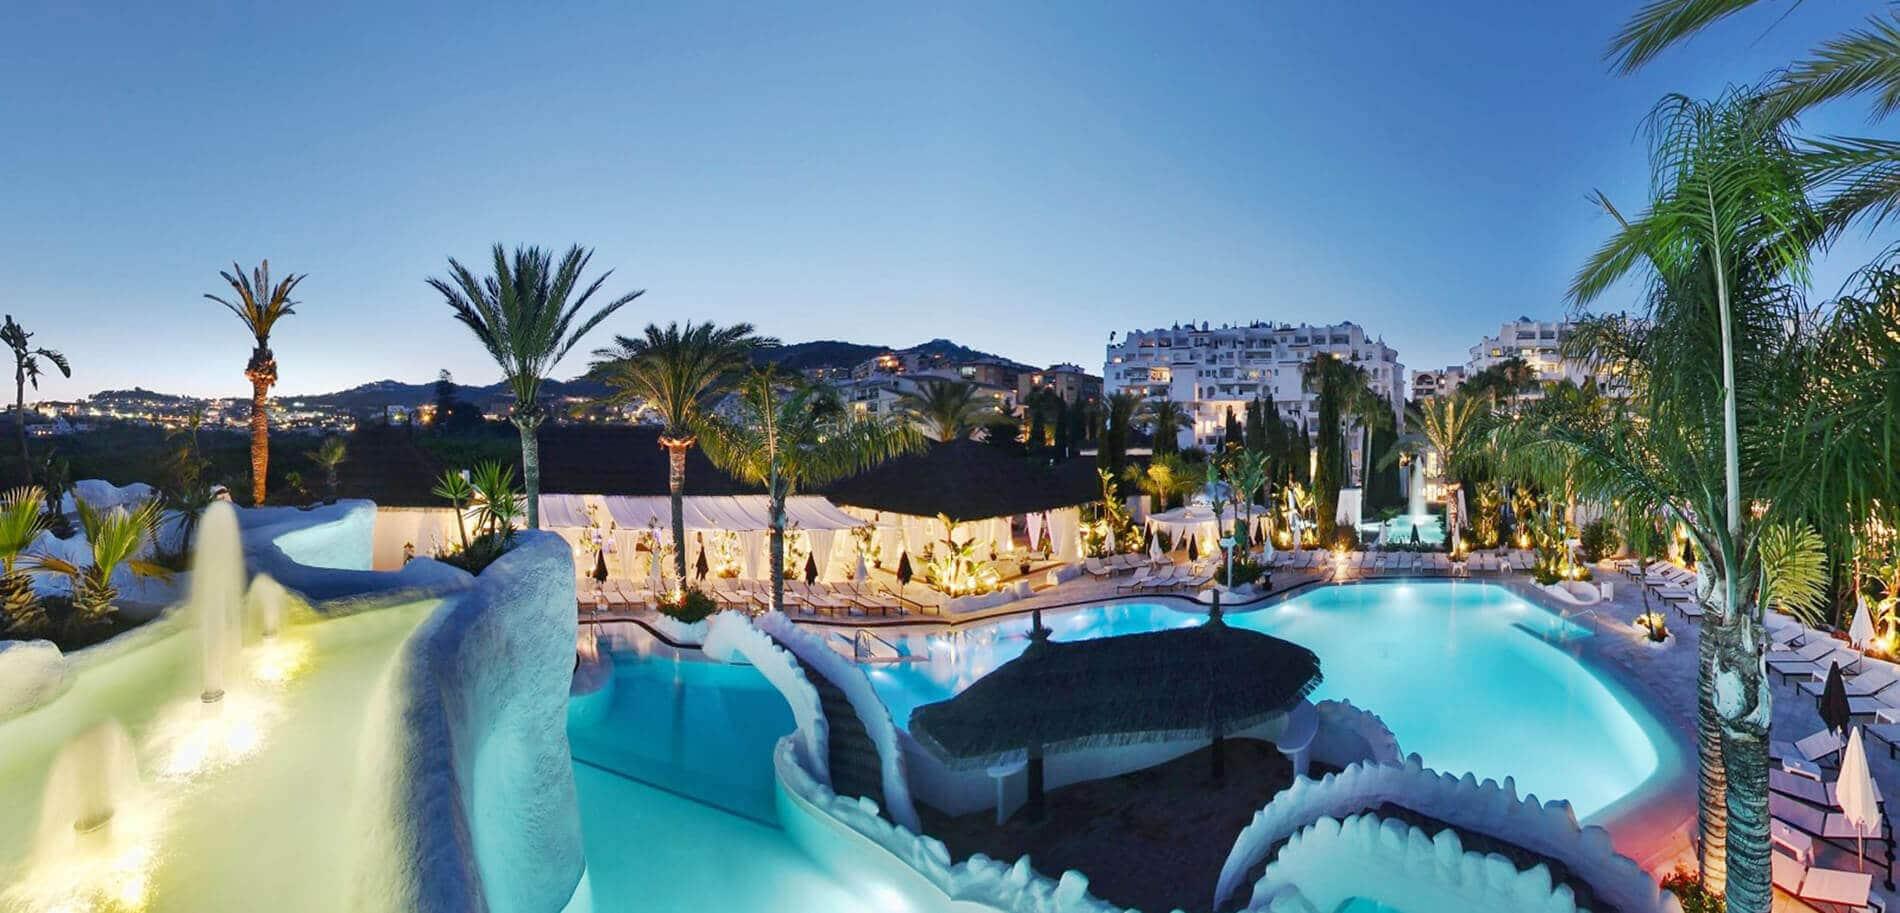 Espanja-Almuneckar-Hotel Suite Albayzin del Mar piscina allas